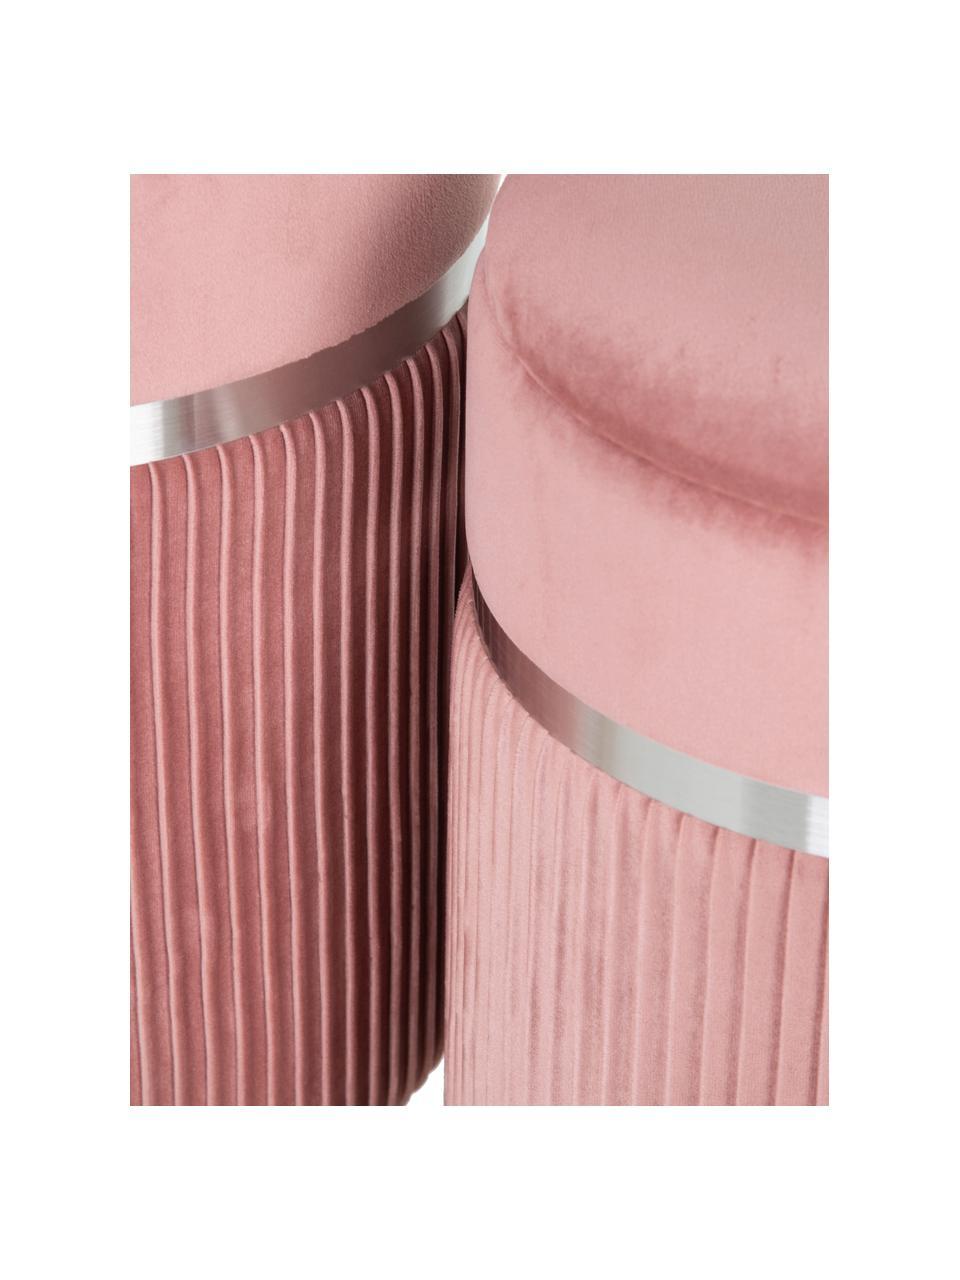 Samt-Hocker-Set Chest mit Stauraum, 2-tlg., Bezug: Polyester (Samt), Rosa, Silberfarben, Sondergrößen